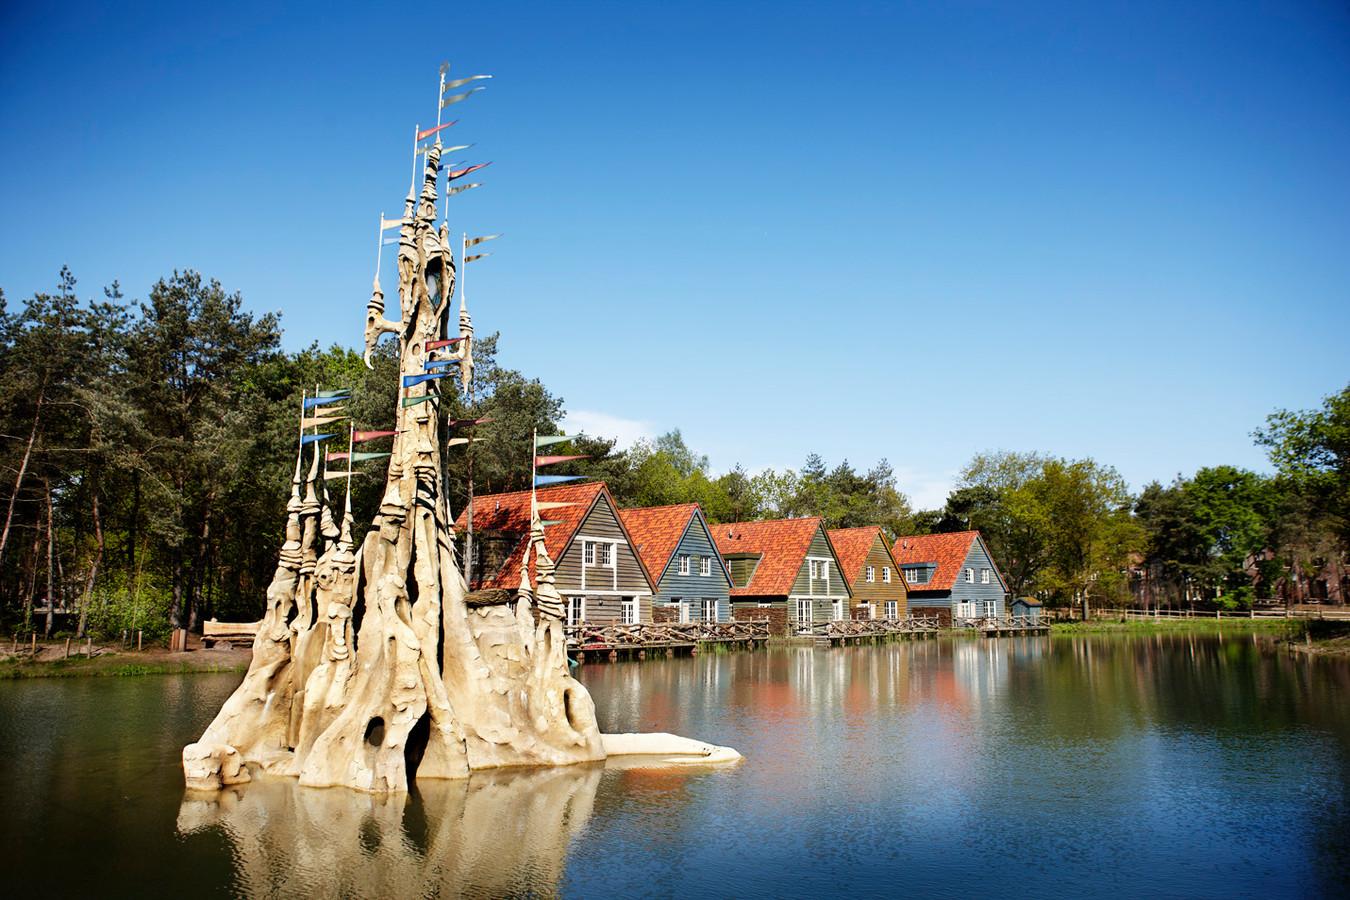 Vakantiehuisjes aan het water in Efteling Bosrijk.